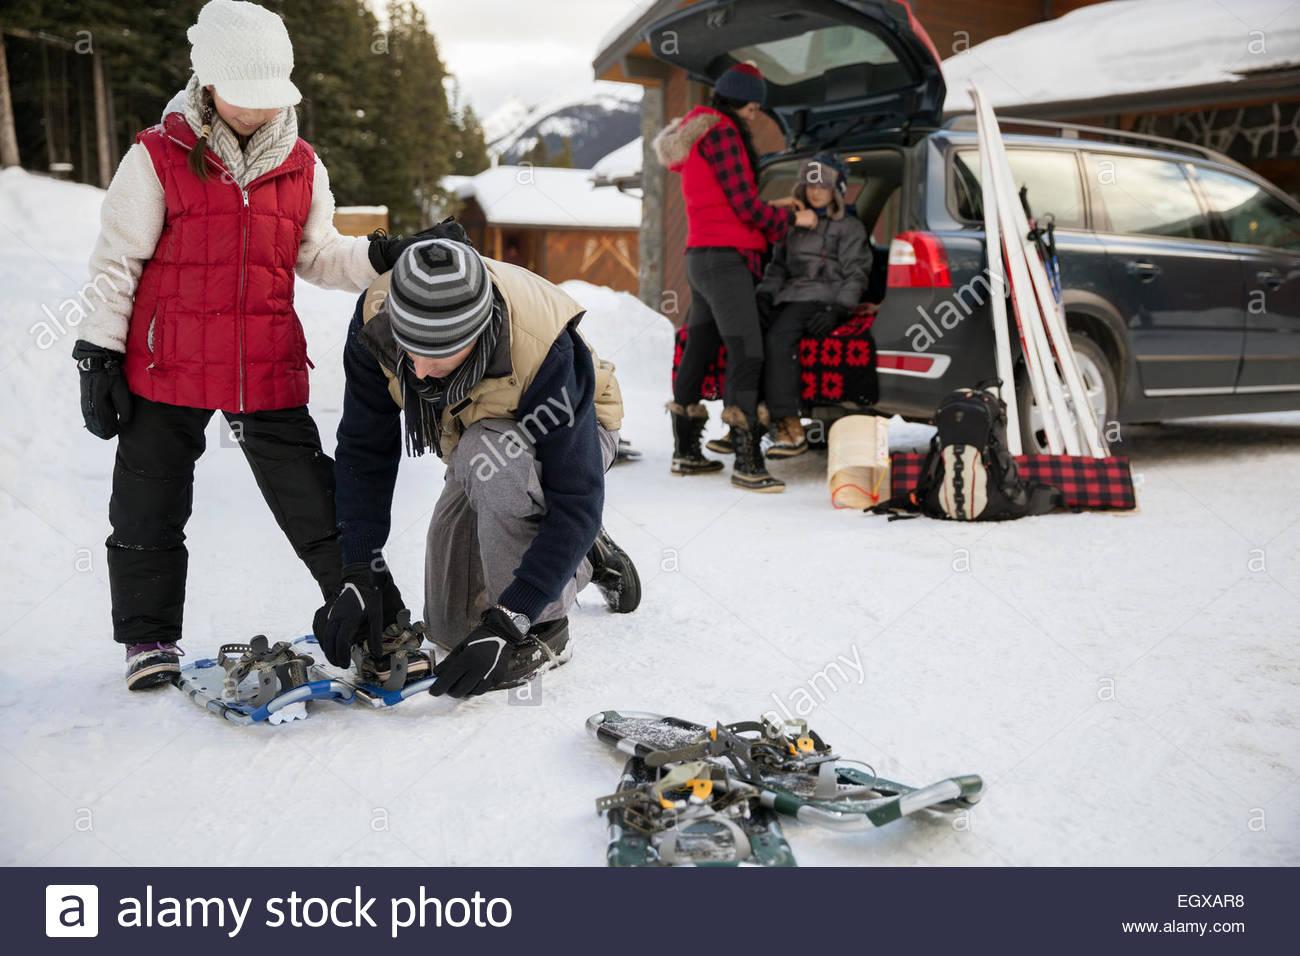 Vater Befestigung Schneeschuhen auf Tochter im verschneiten Auffahrt Stockbild